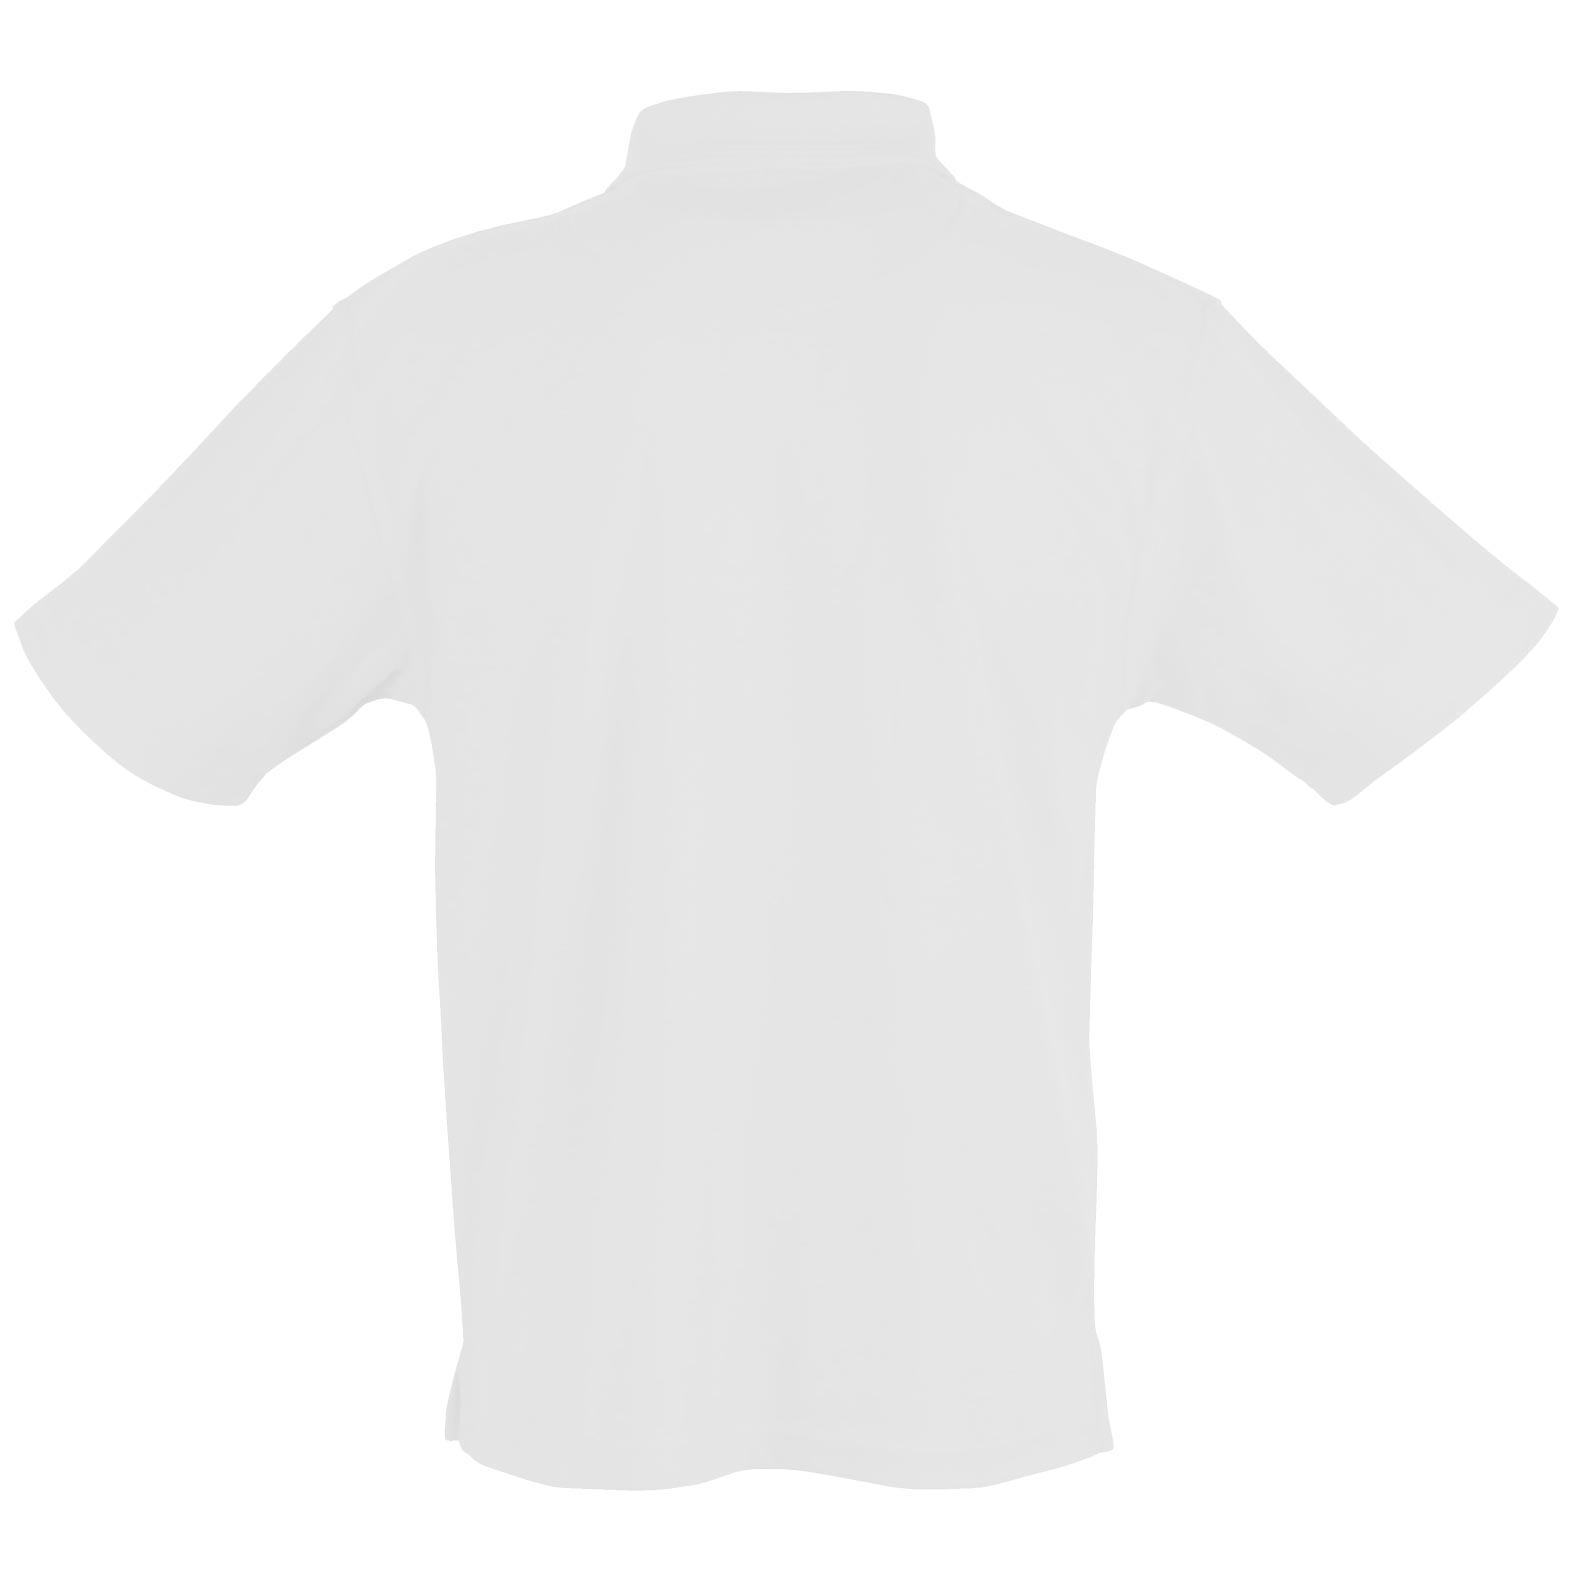 05_b301b_blanc--0-0--48ac6ae0-84fa-4cc2-a8d5-e01de85729d7